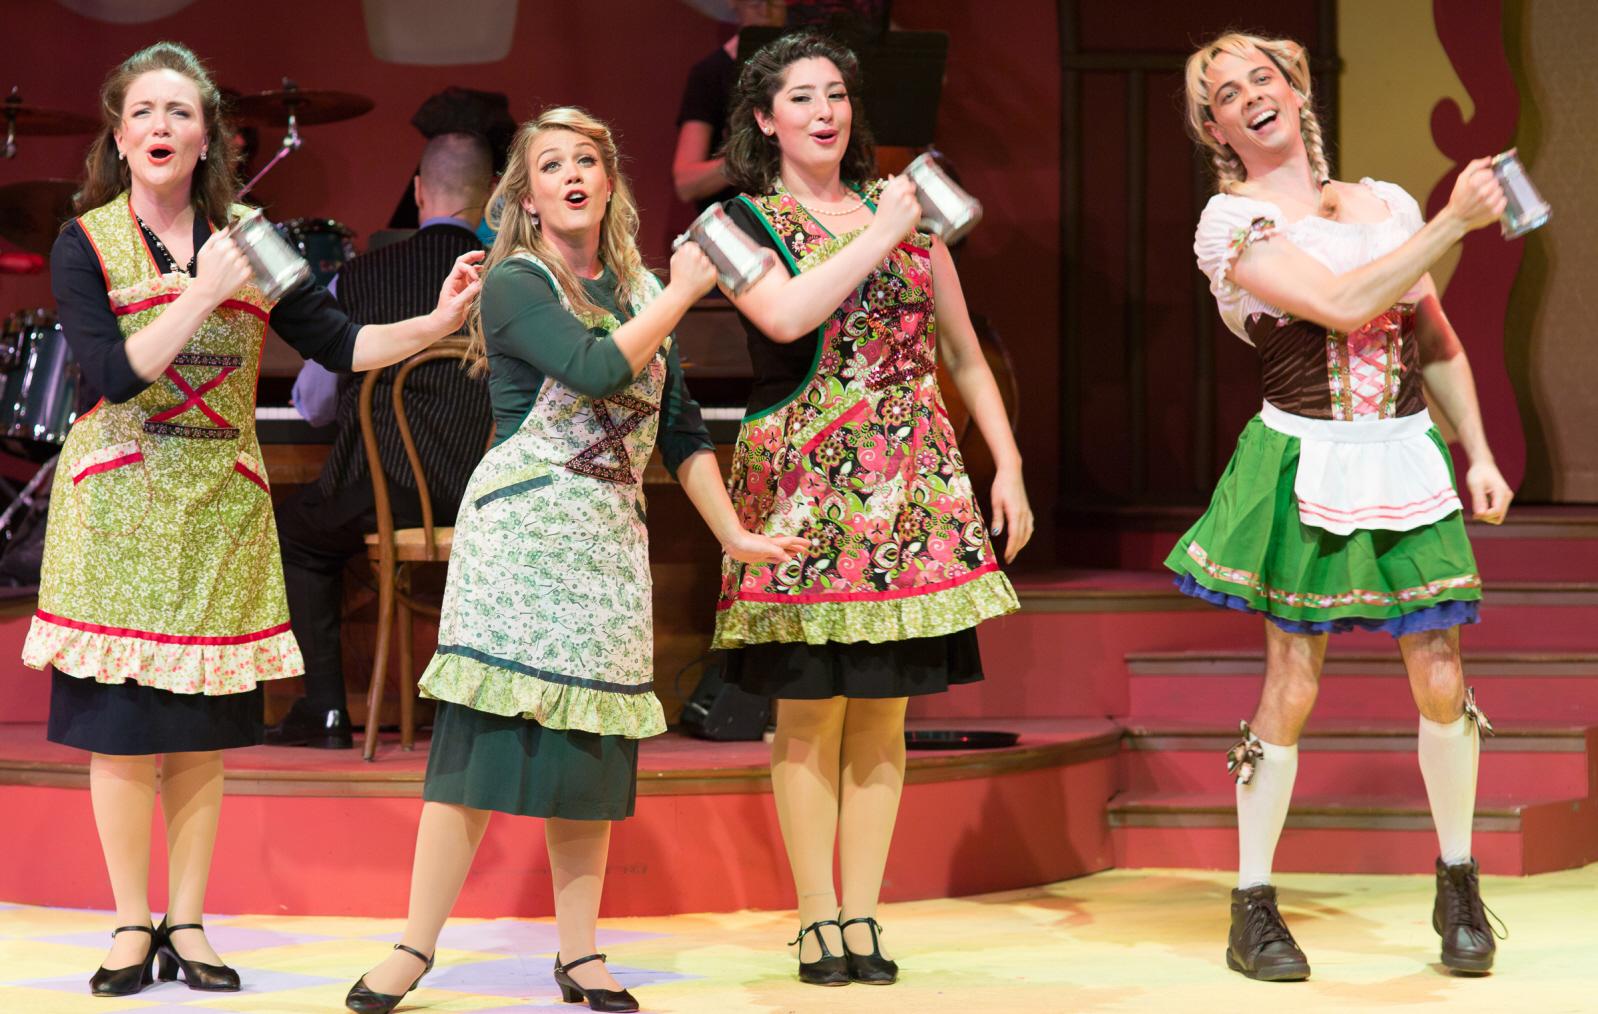 sisters of swing beirgarten costumes.jpg